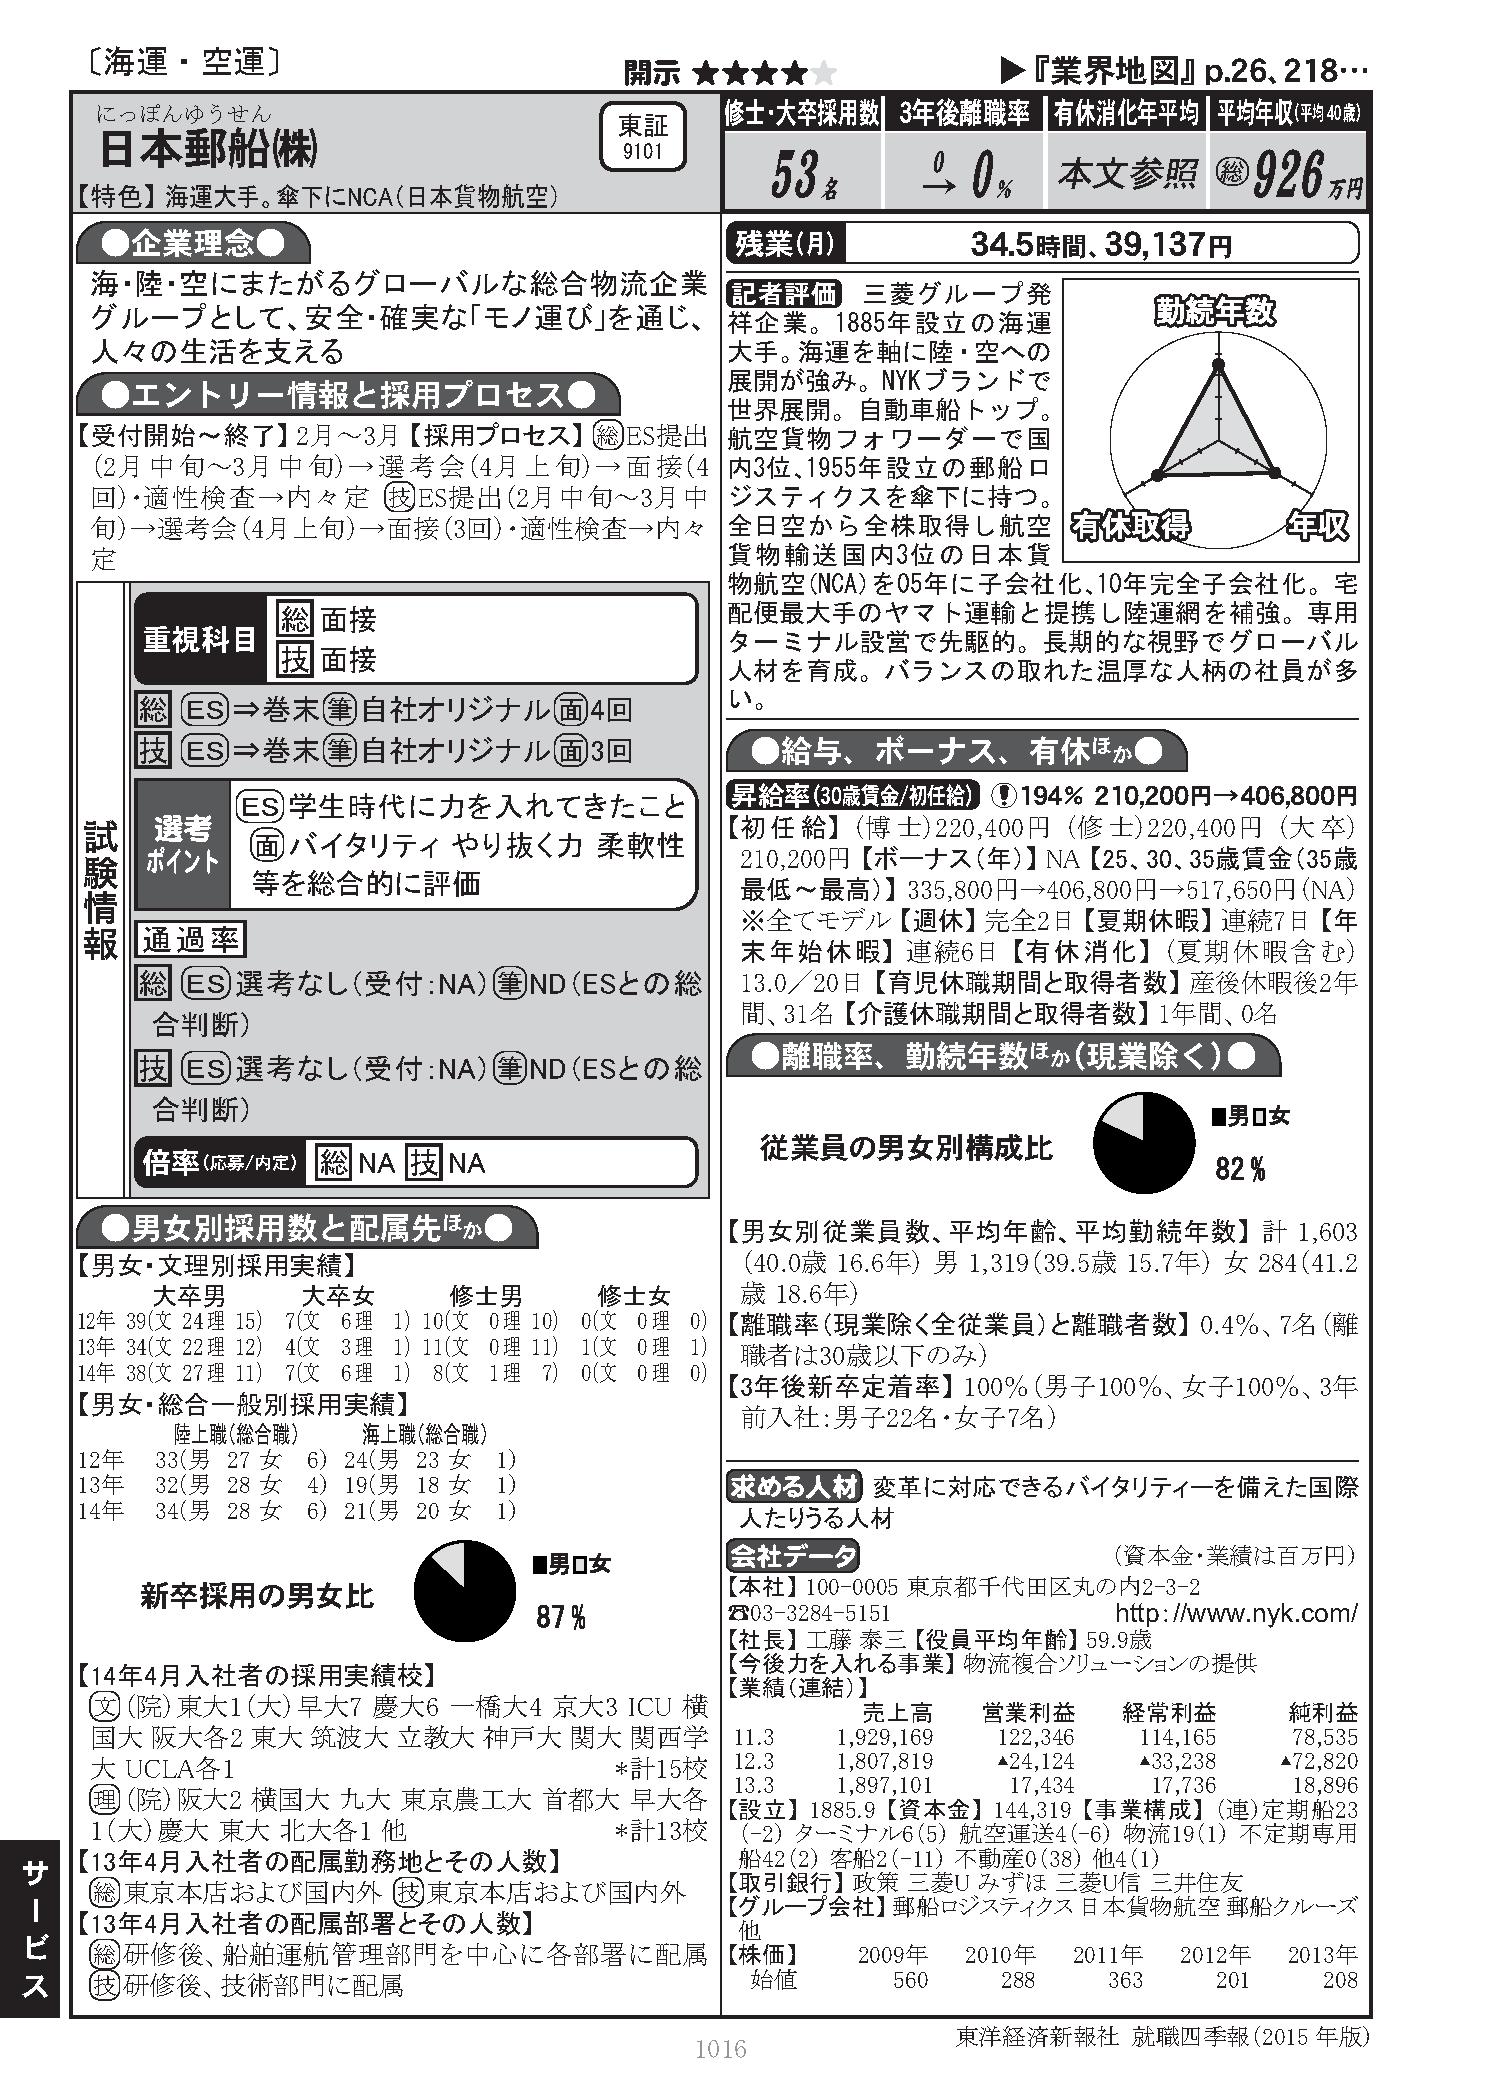 オンライン 四季 報